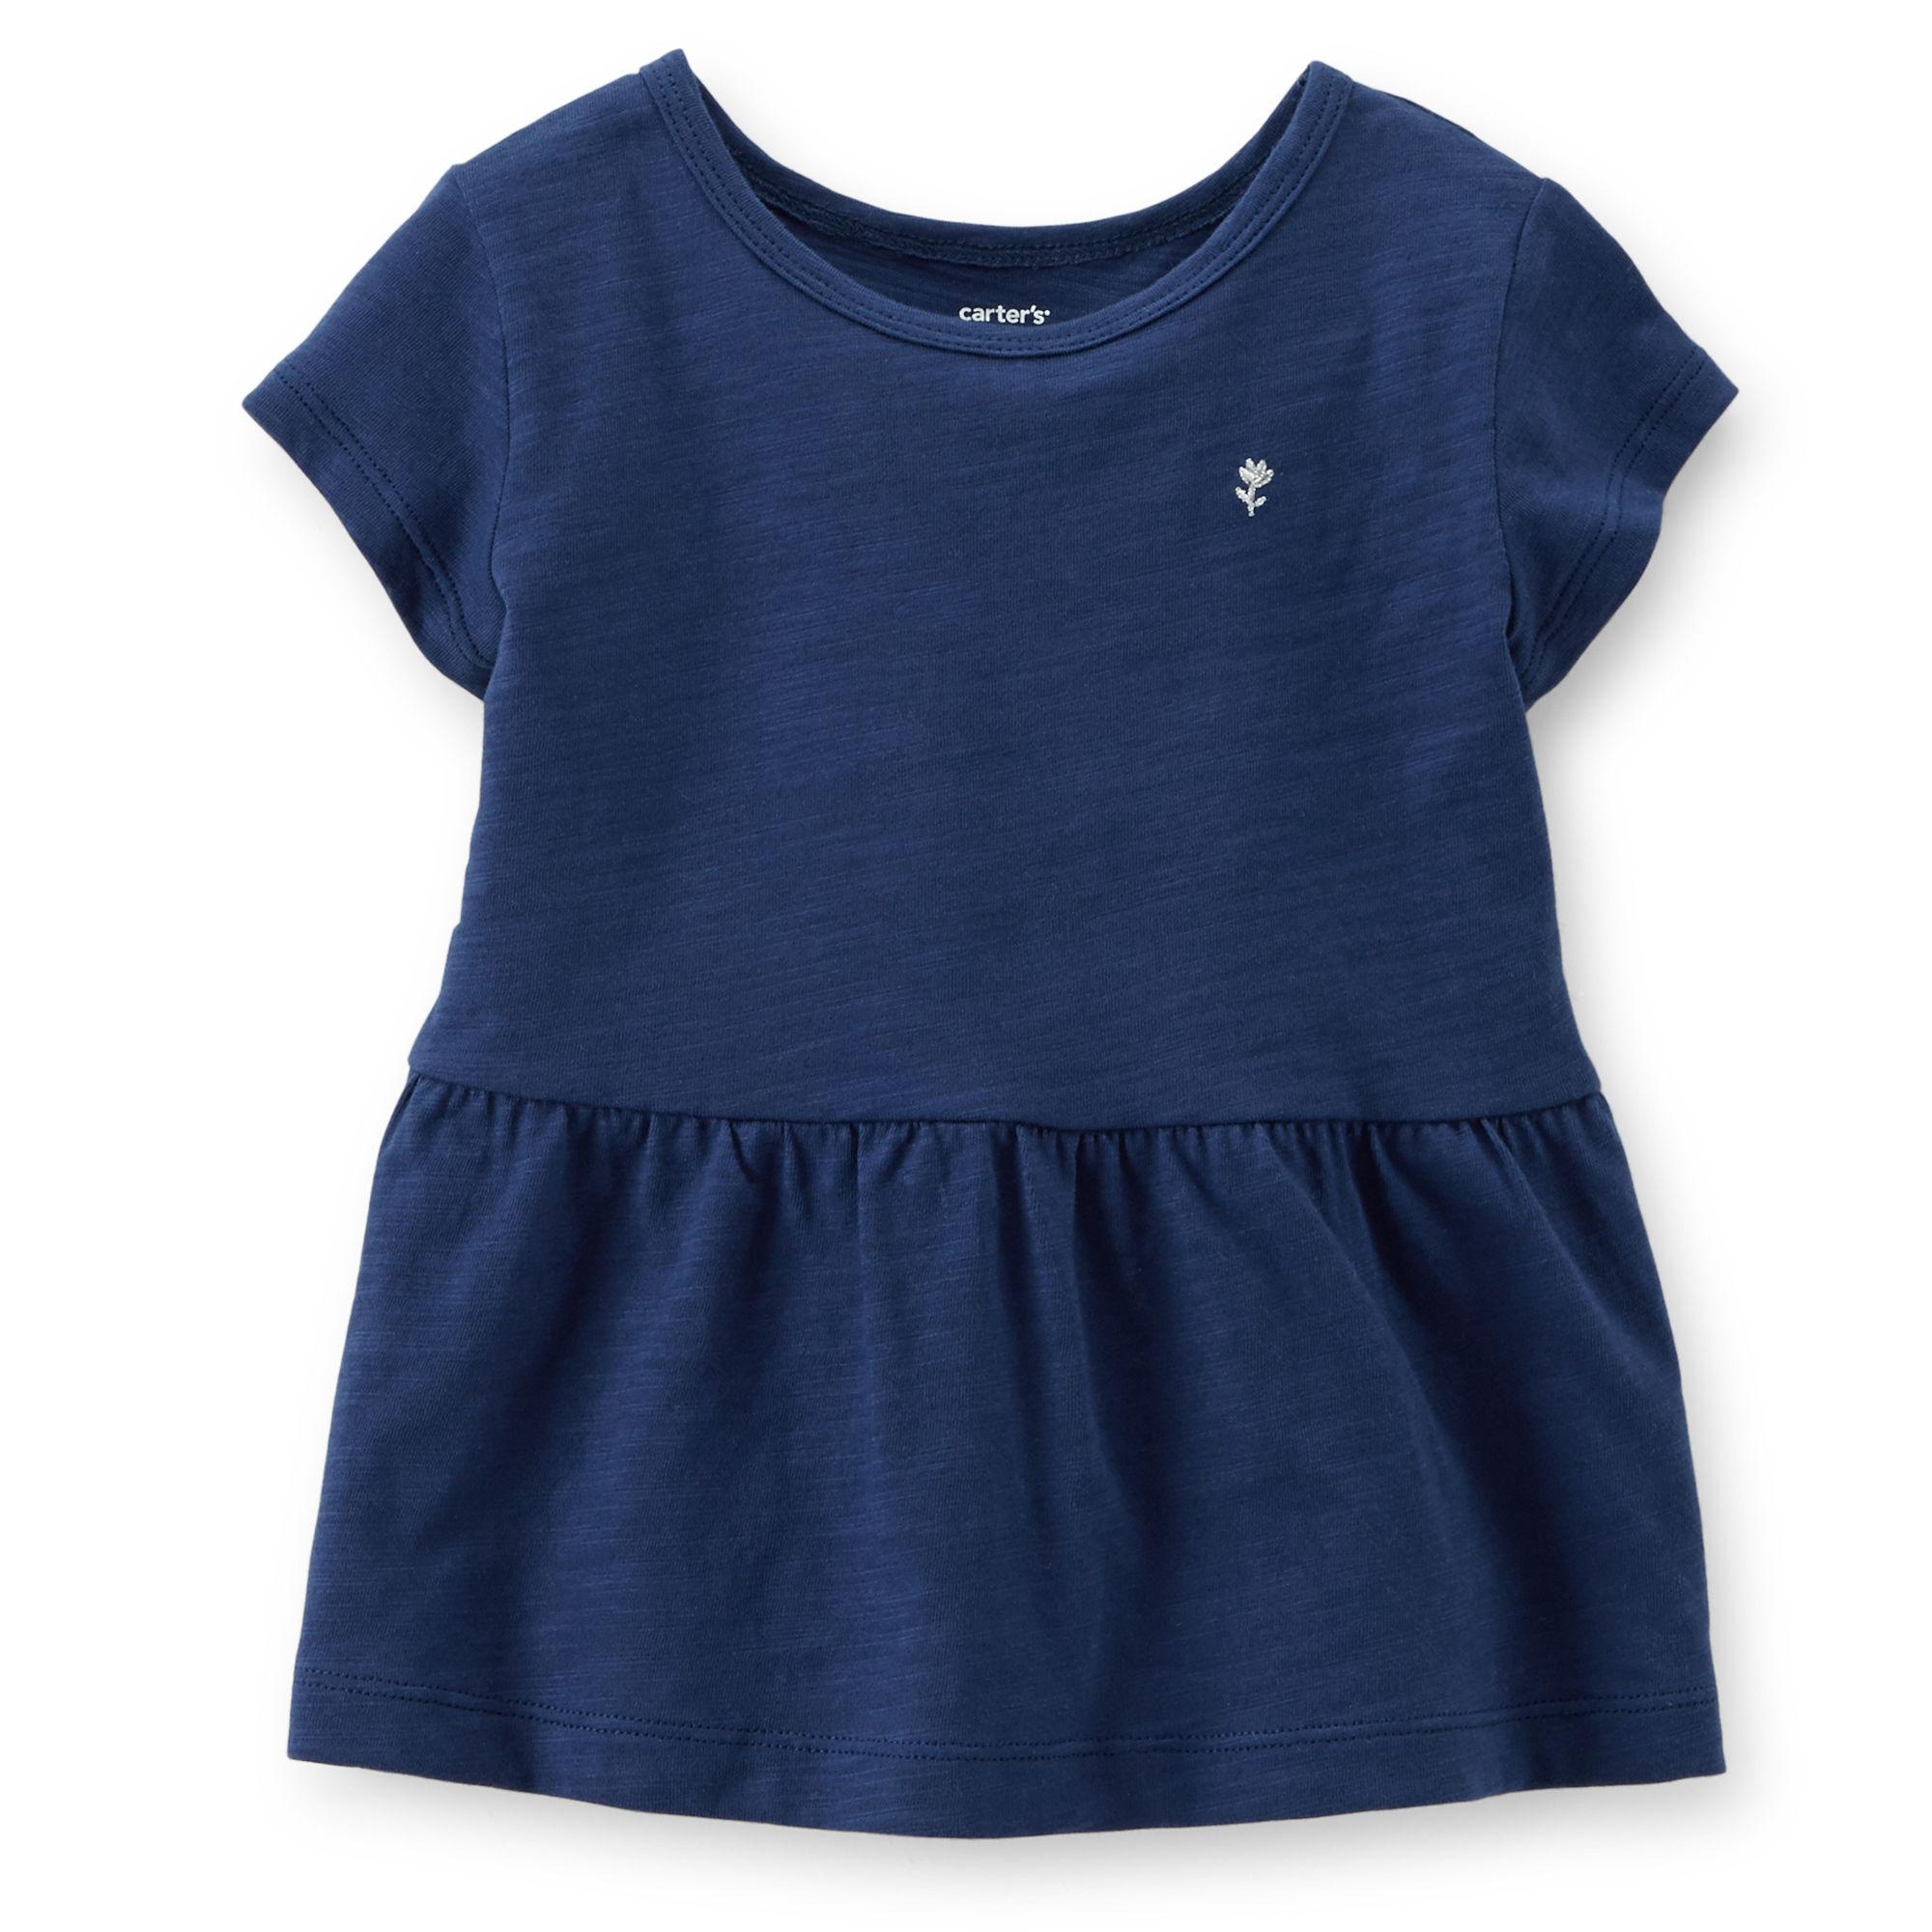 Туника детская хлопковая для девочки Carter's (США) Jersey Peplum Tee возраст 5-6 лет